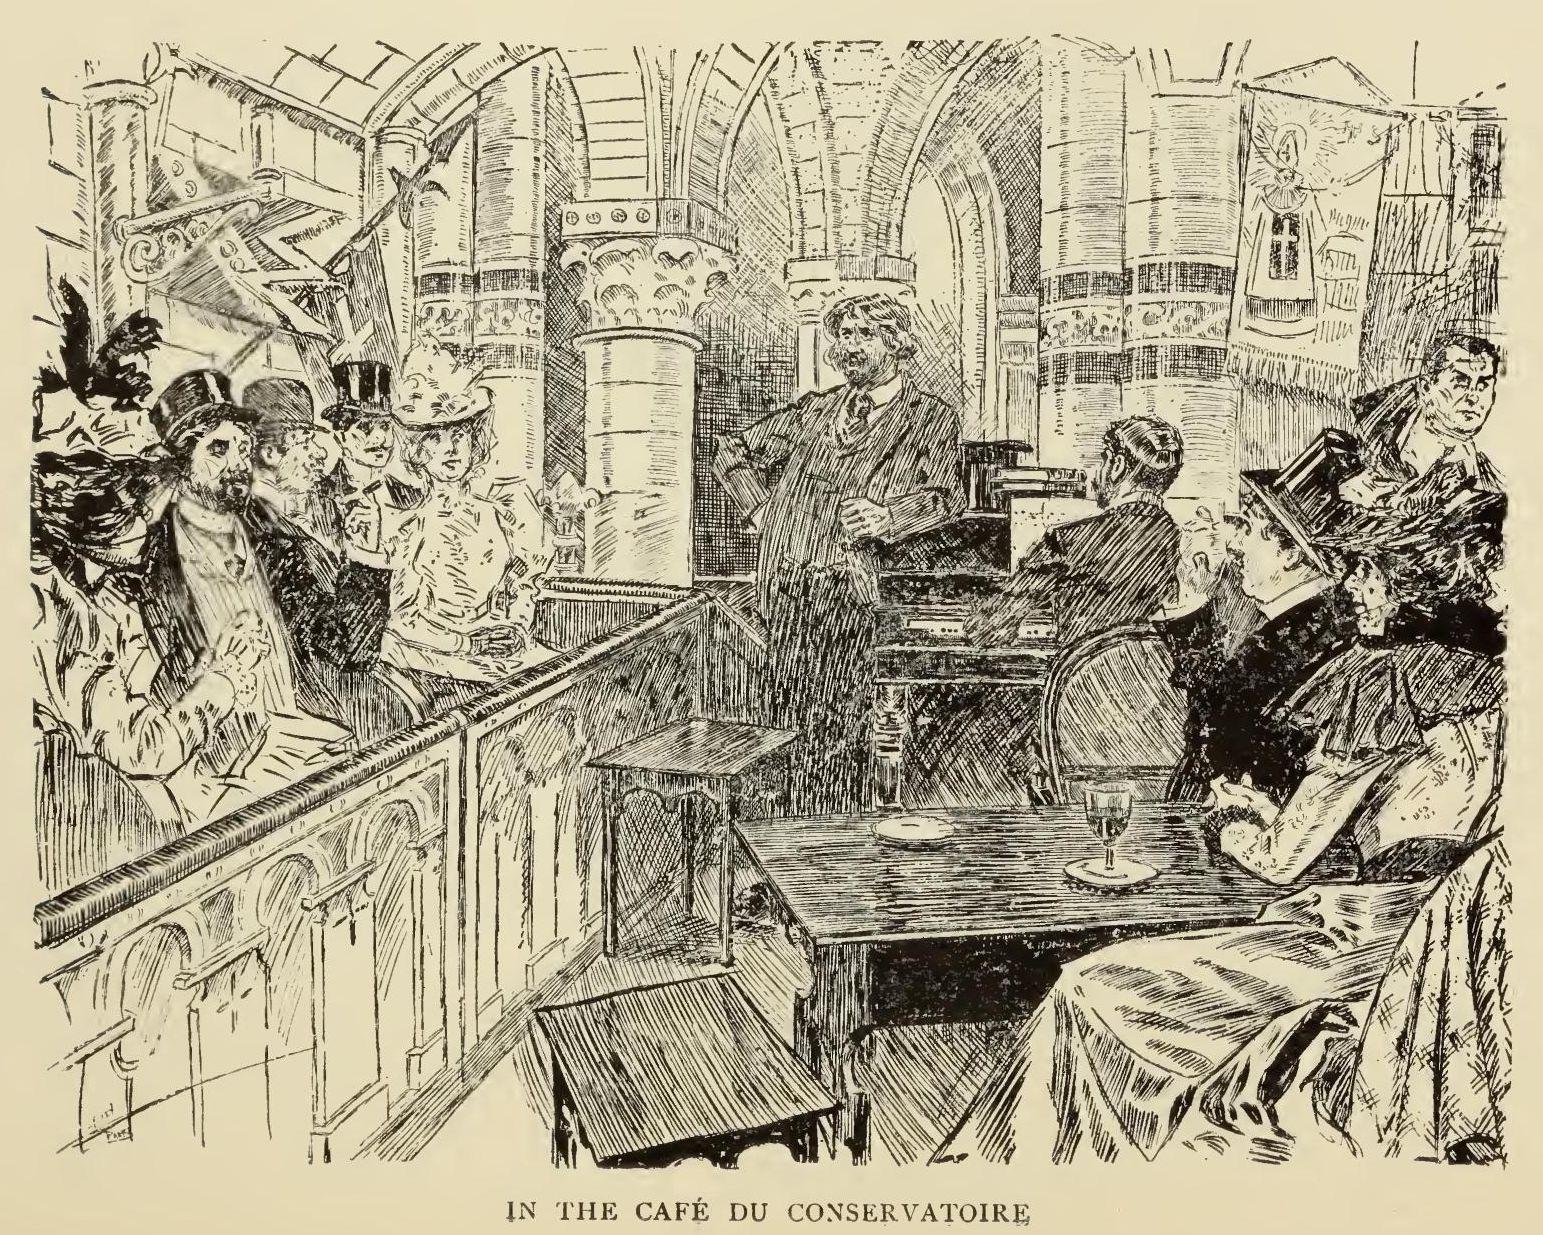 This was the Caf du Conservatoire famous